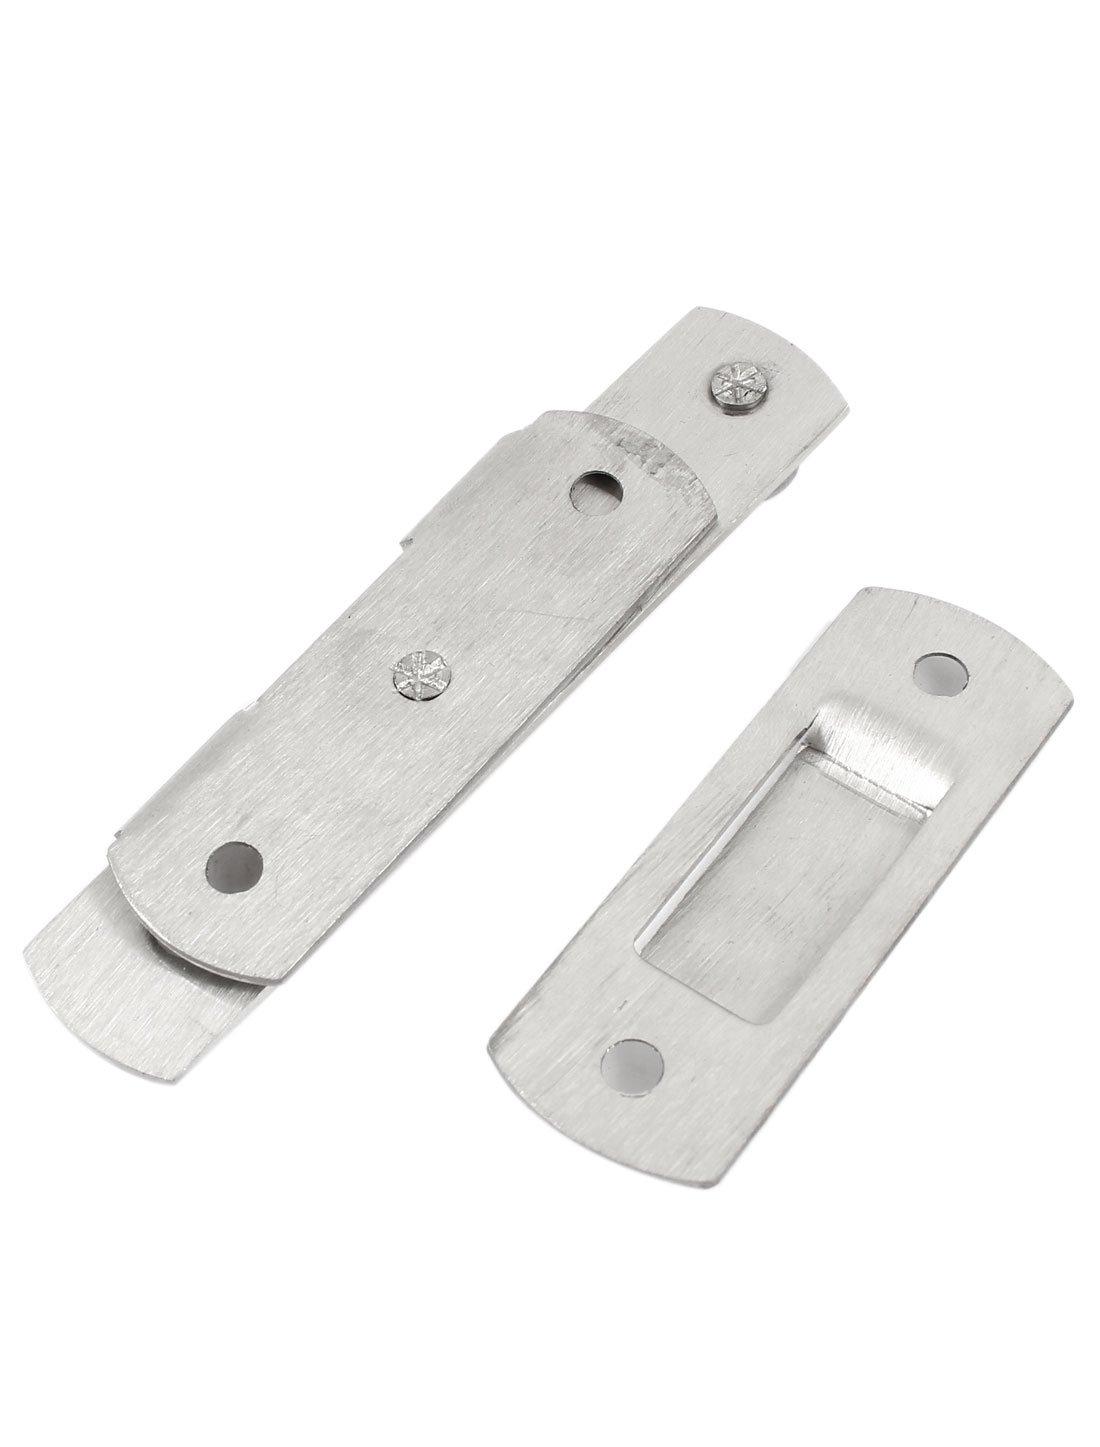 De montaje de puerta de Interior Home tono plateado met/álico protector de cadena de seguridad